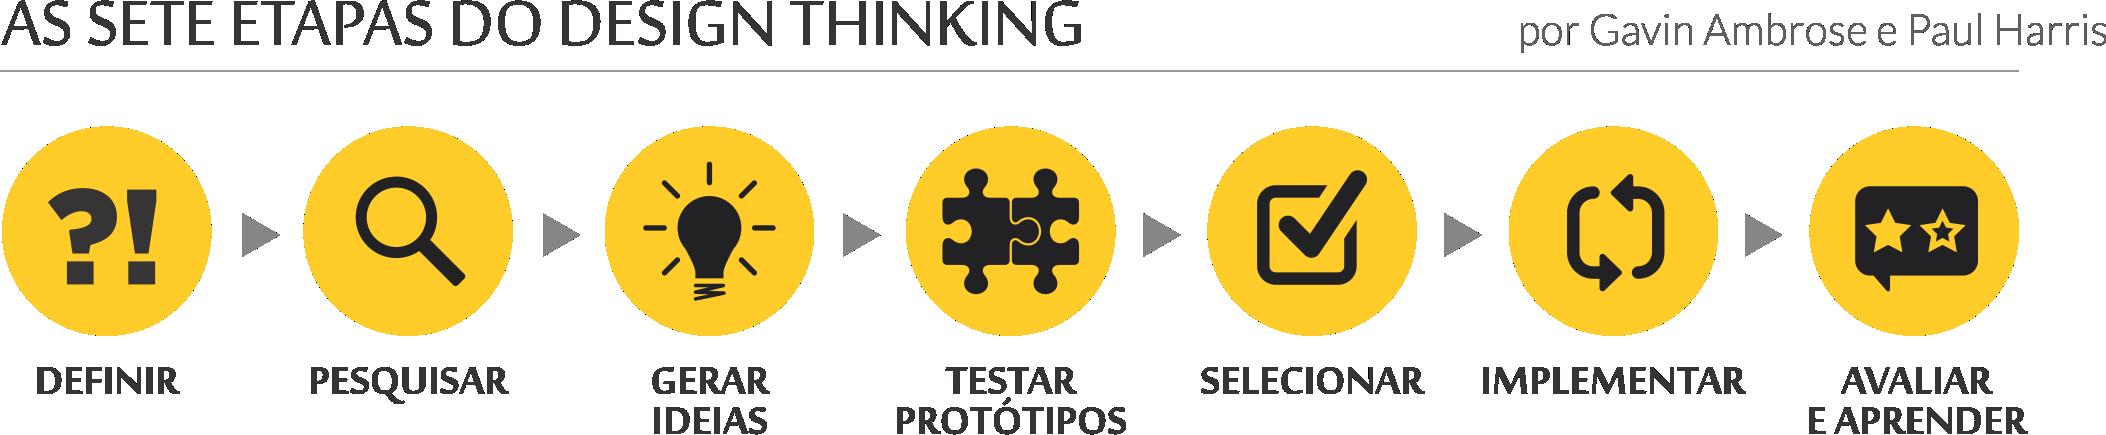 Investir em aprendizagem hoje com o design thinking